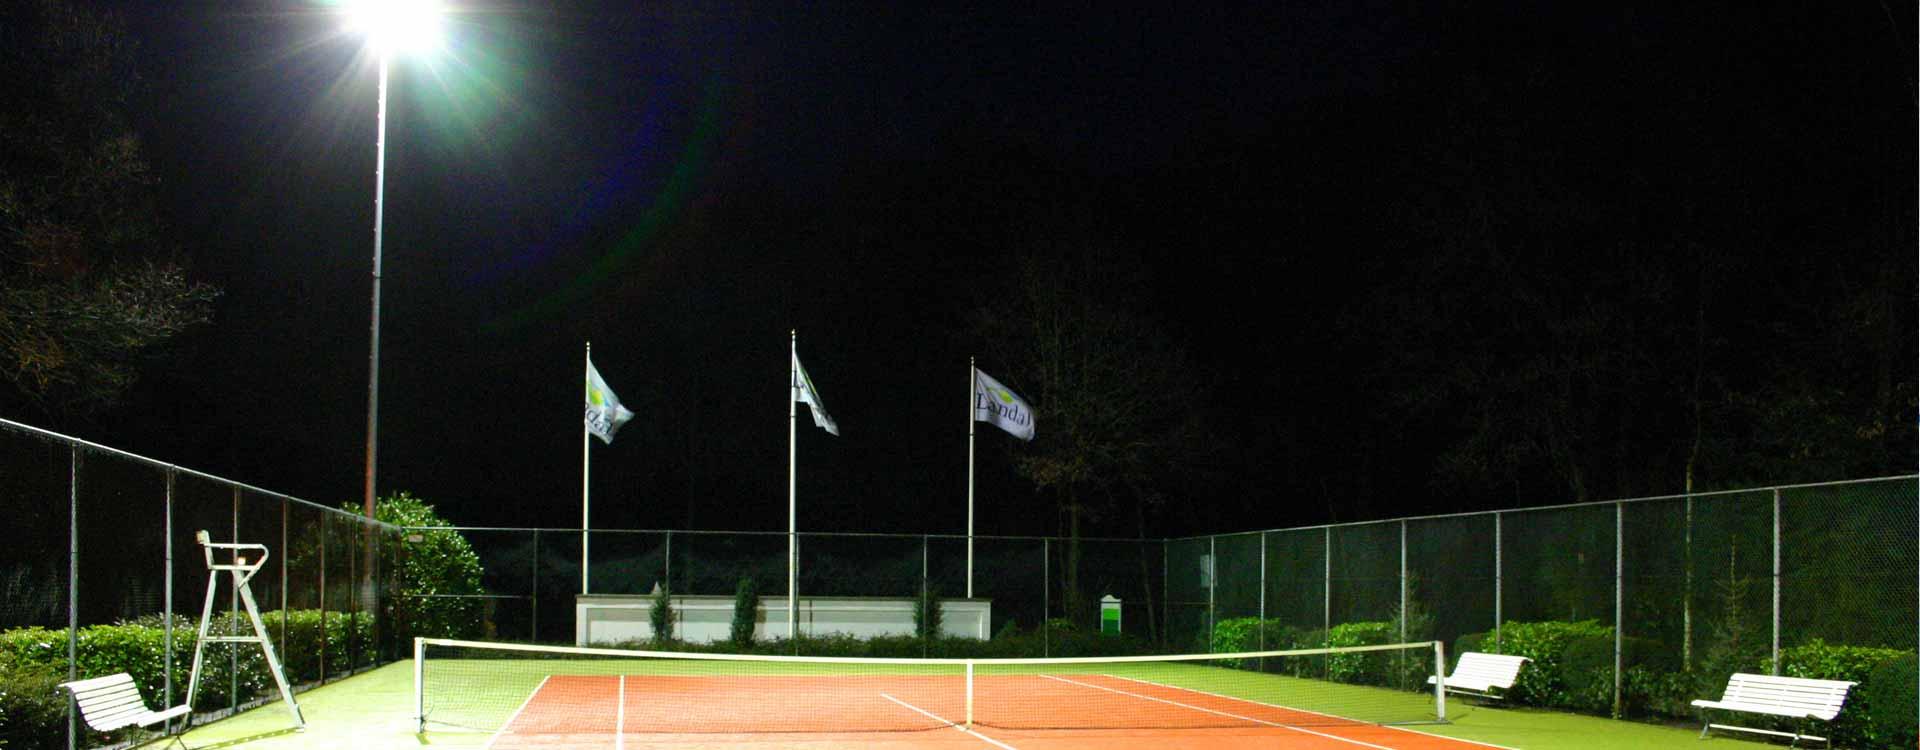 Przewodnik po oświetleniu kortów tenisowych ITF - wprowadzenie